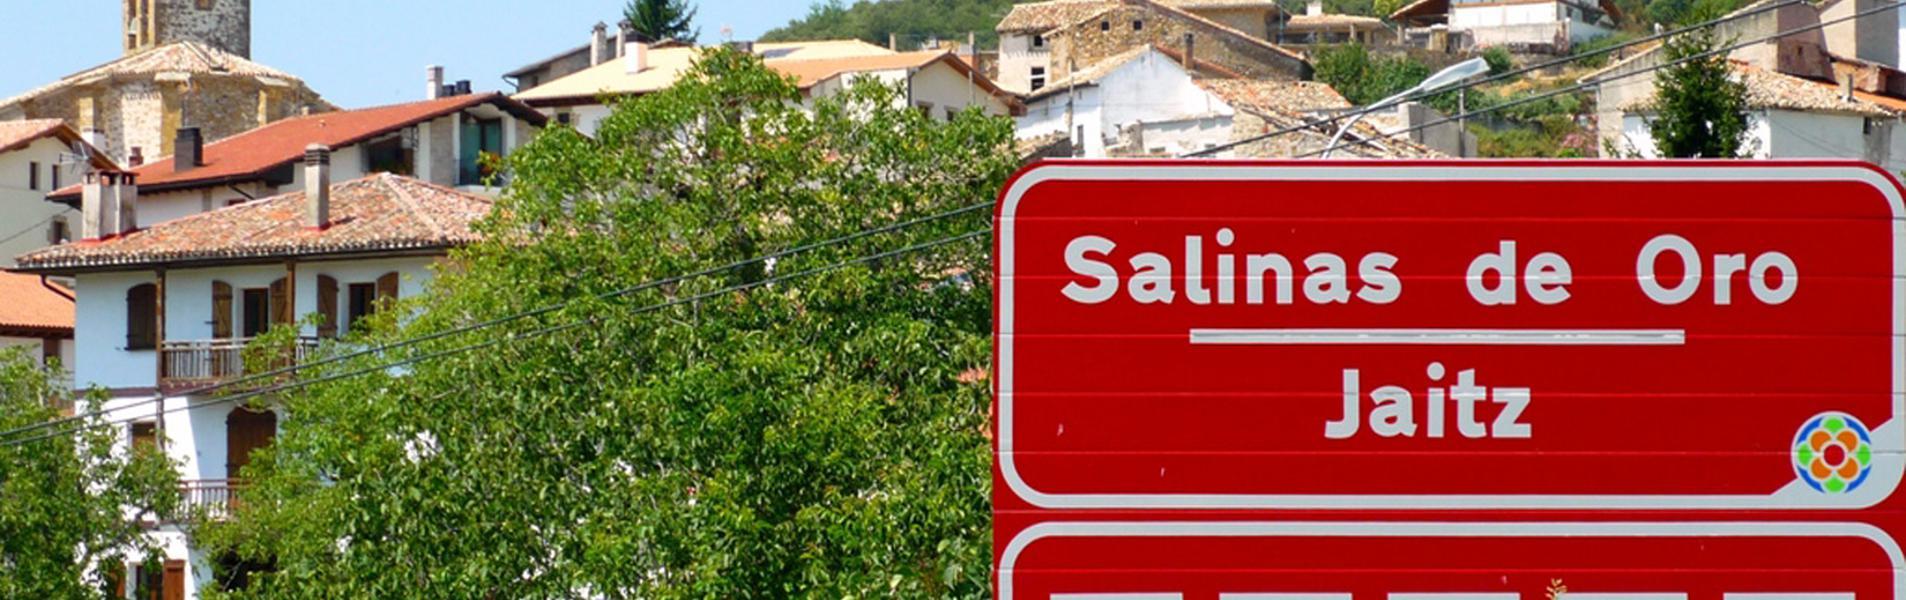 Salinas de Oro/Jaitz